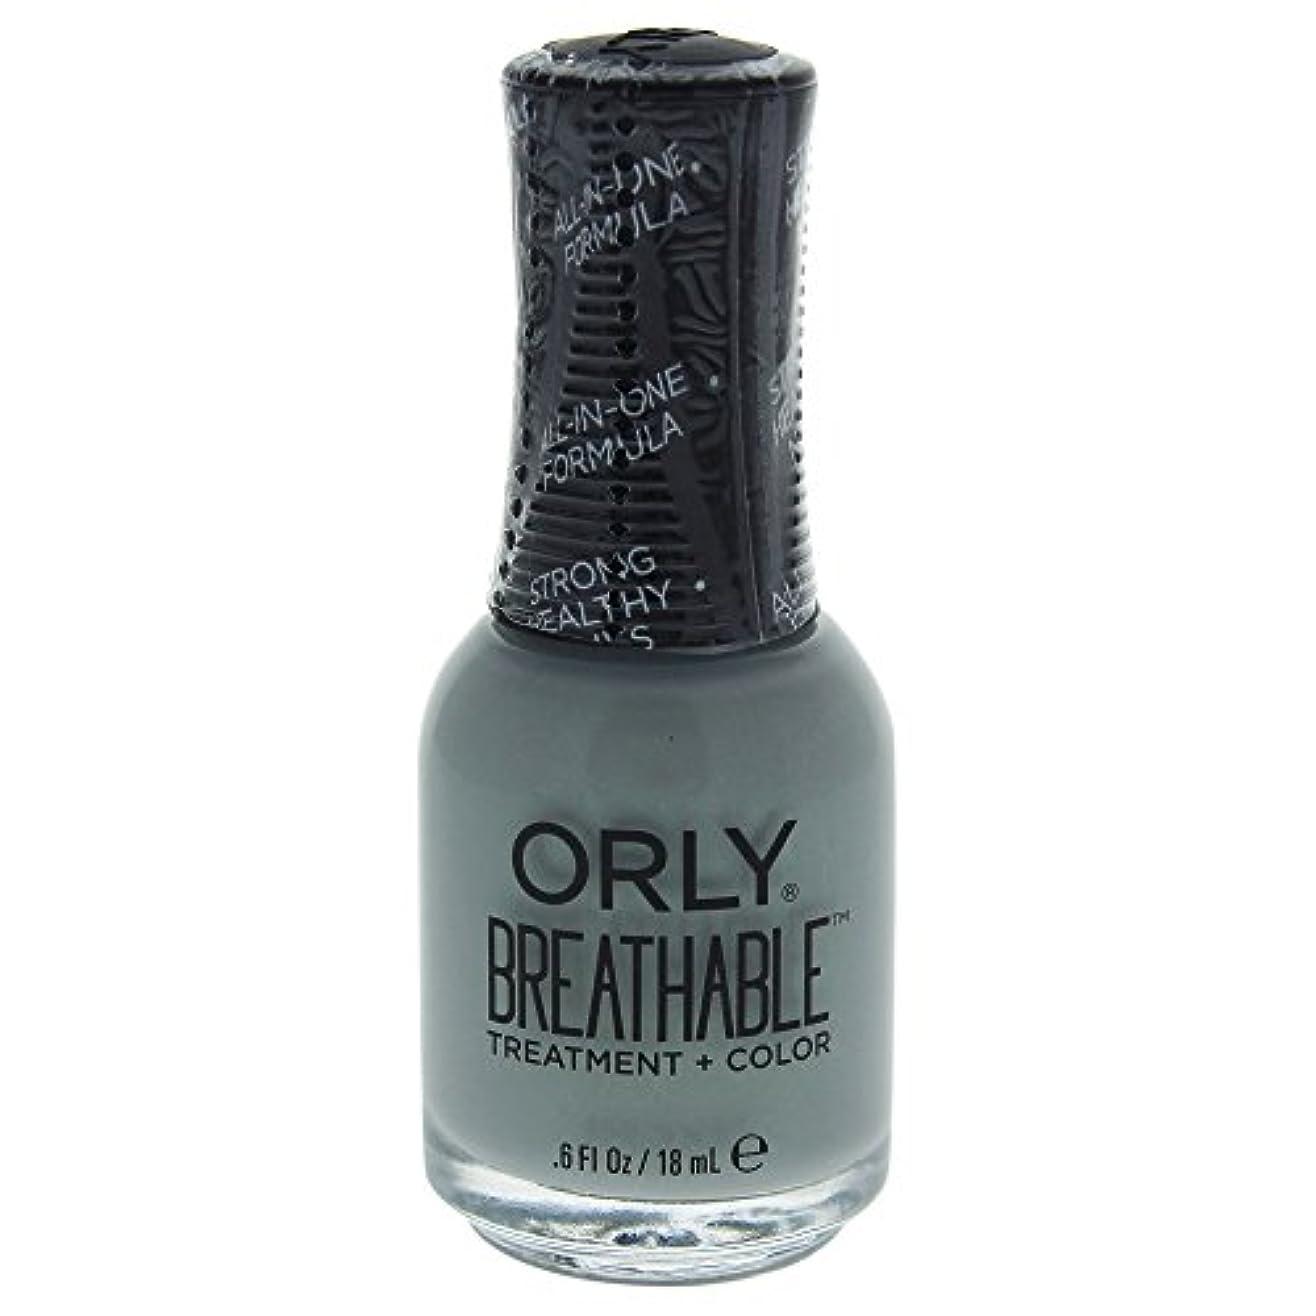 合金露出度の高い影響力のあるOrly Breathable Treatment + Color Nail Lacquer - Aloe, Goodbye! - 0.6oz / 18ml